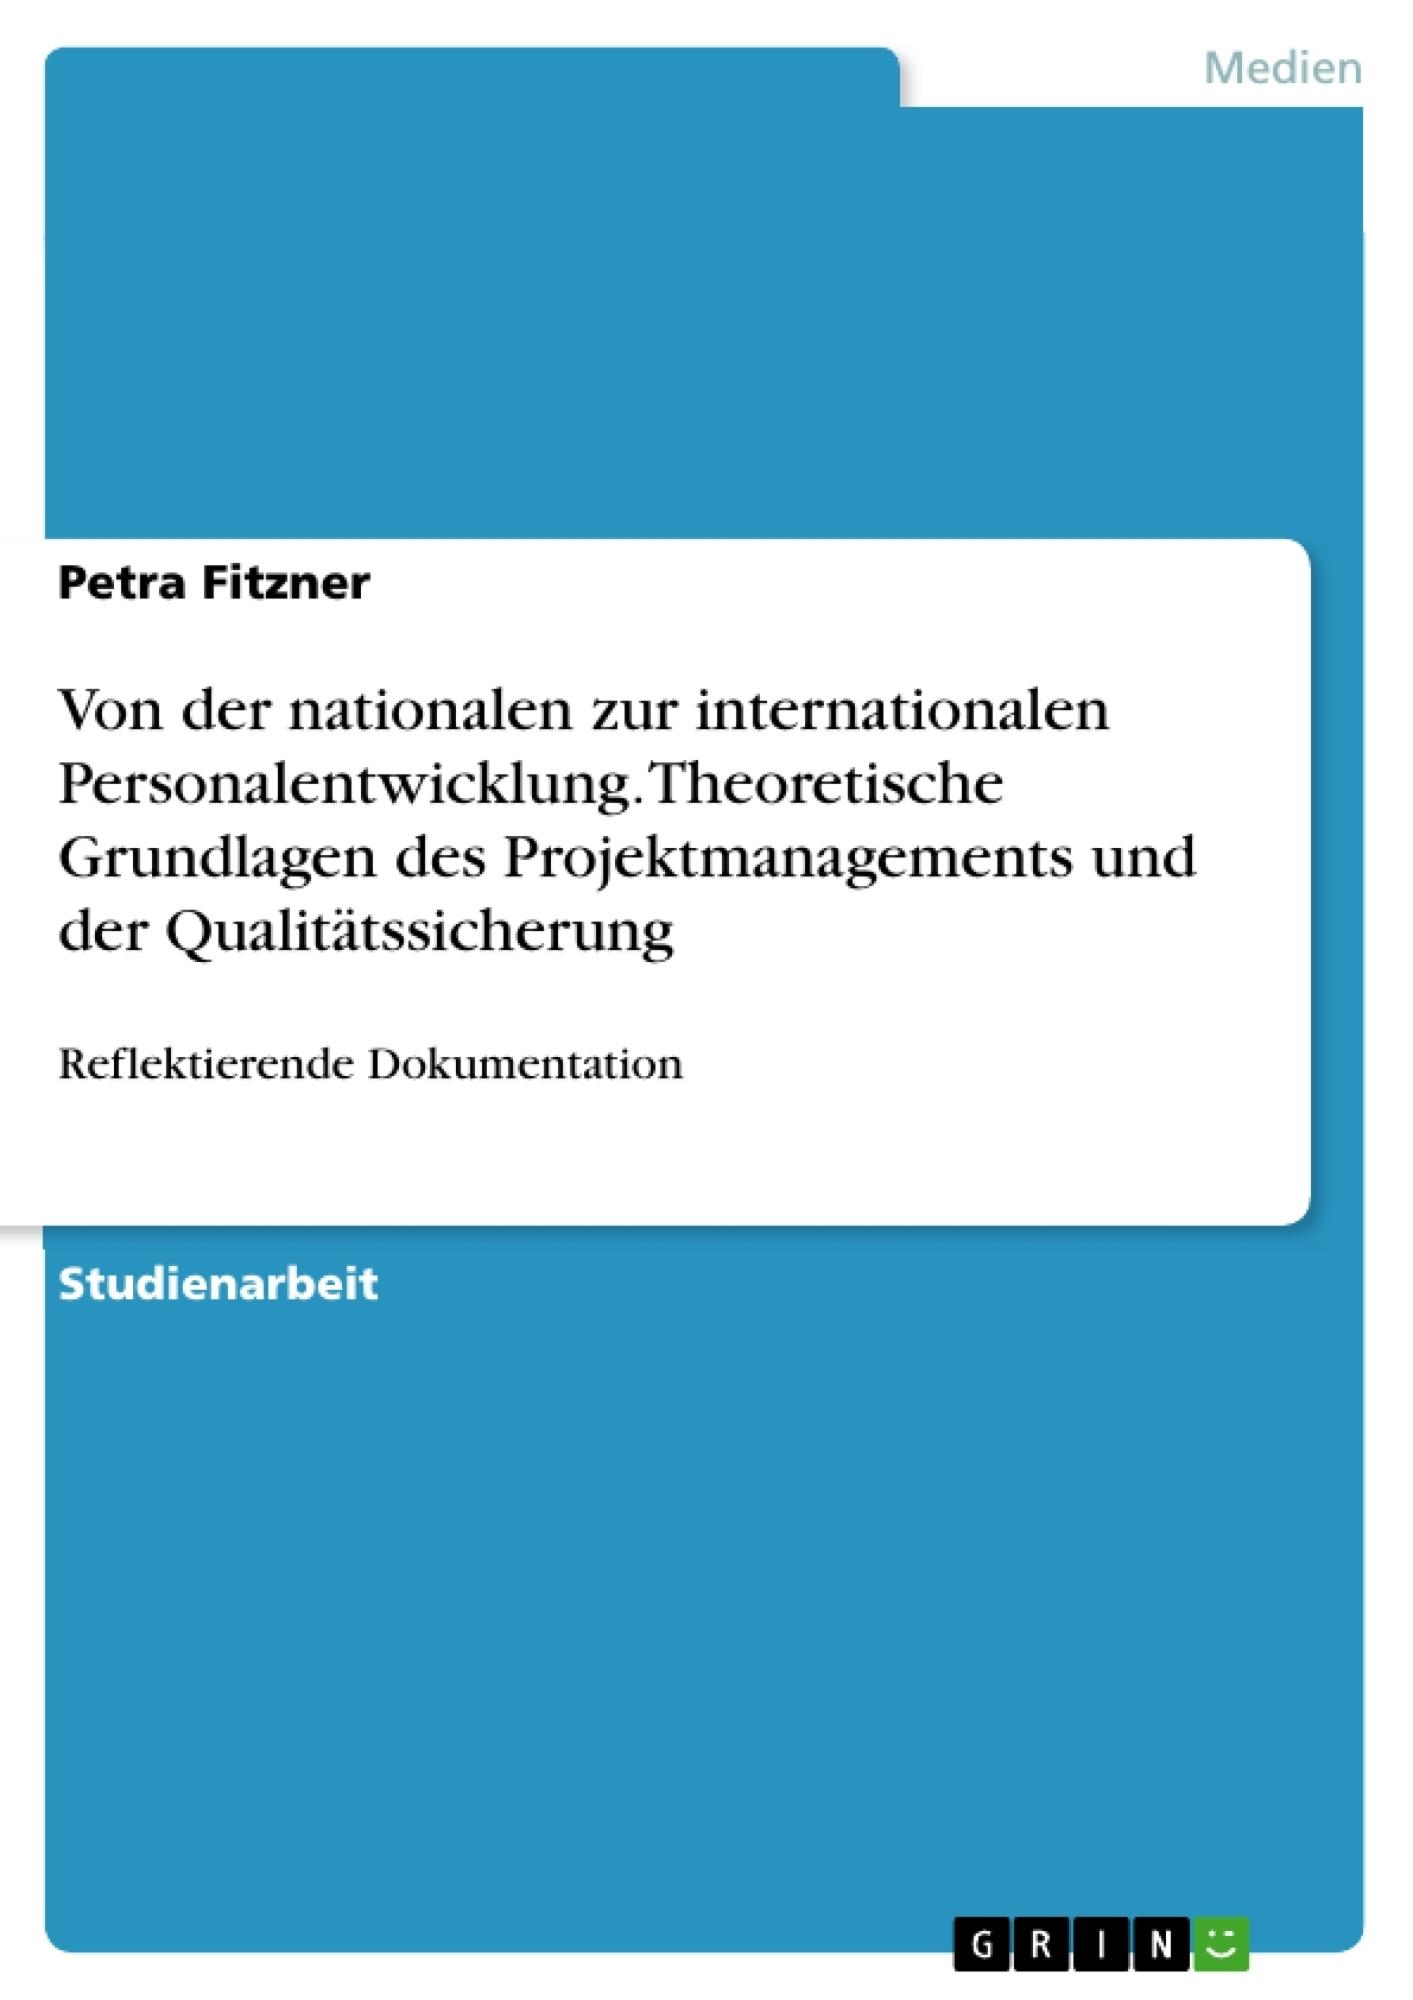 Titel: Von der nationalen zur internationalen Personalentwicklung. Theoretische Grundlagen des Projektmanagements und der Qualitätssicherung